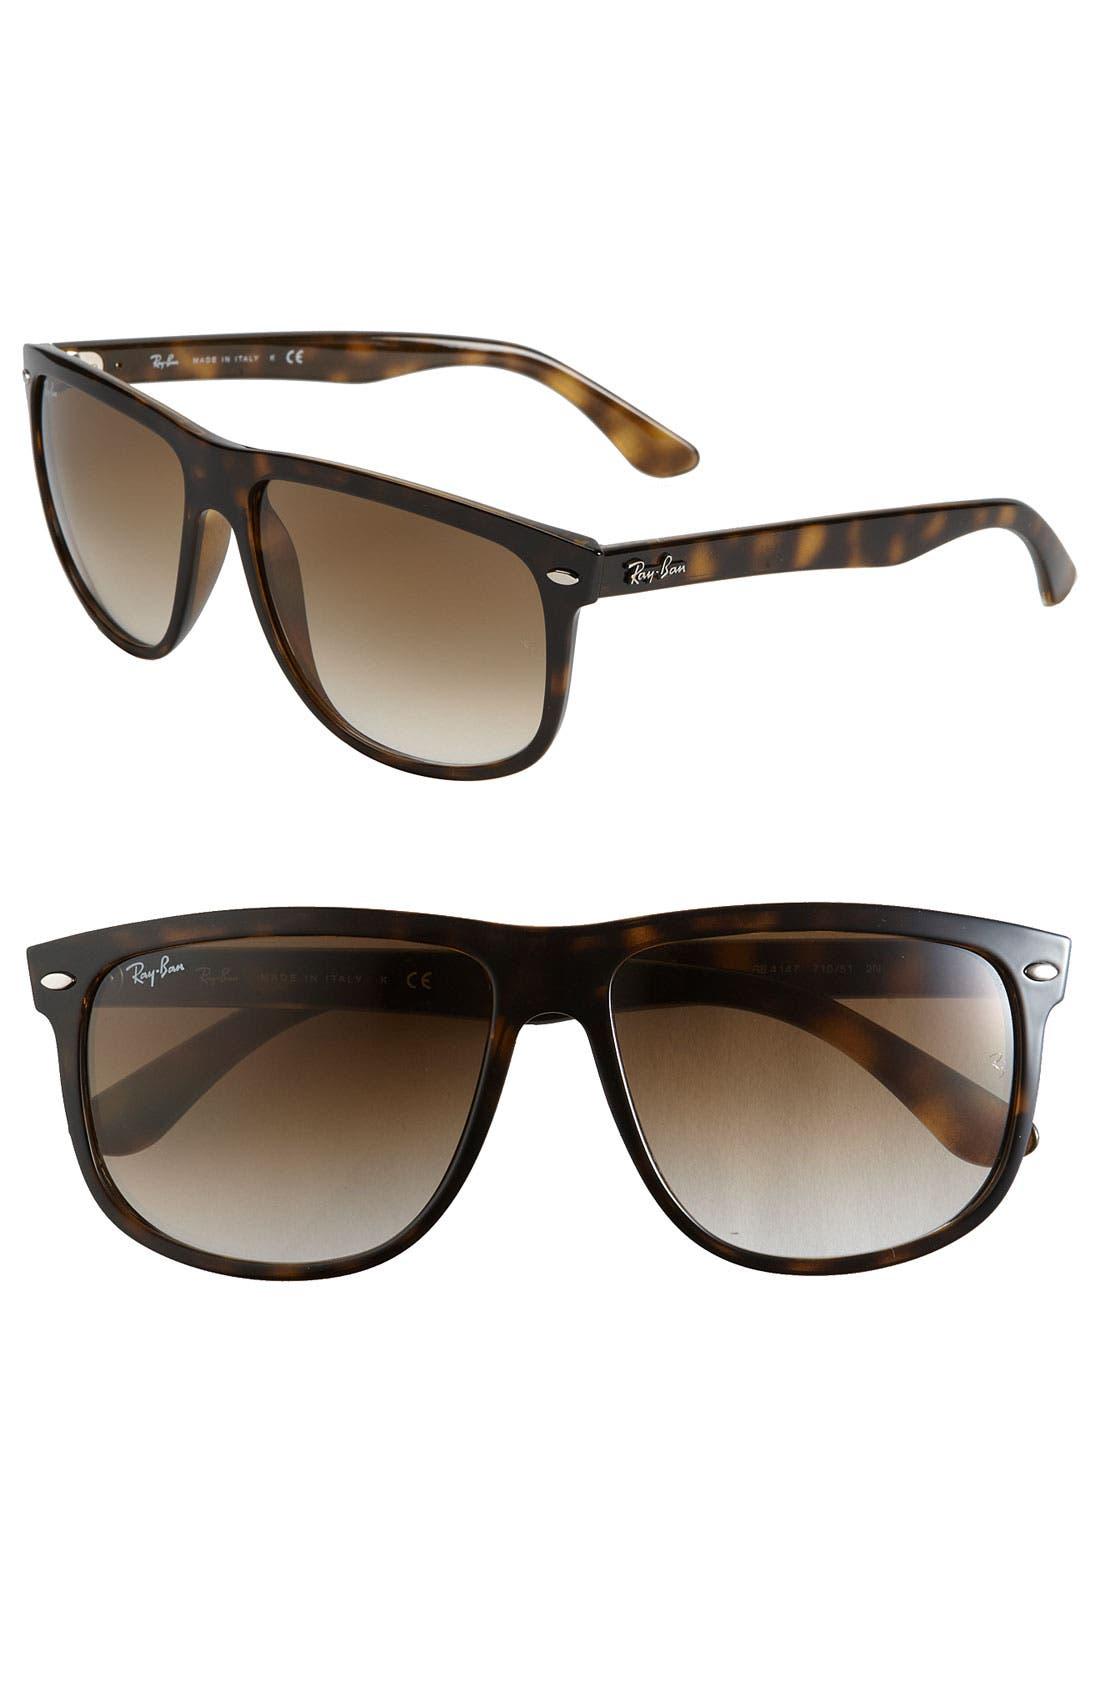 Boyfriend 60mm Flat Top Sunglasses,                         Main,                         color, TORTOISE GRADIENT